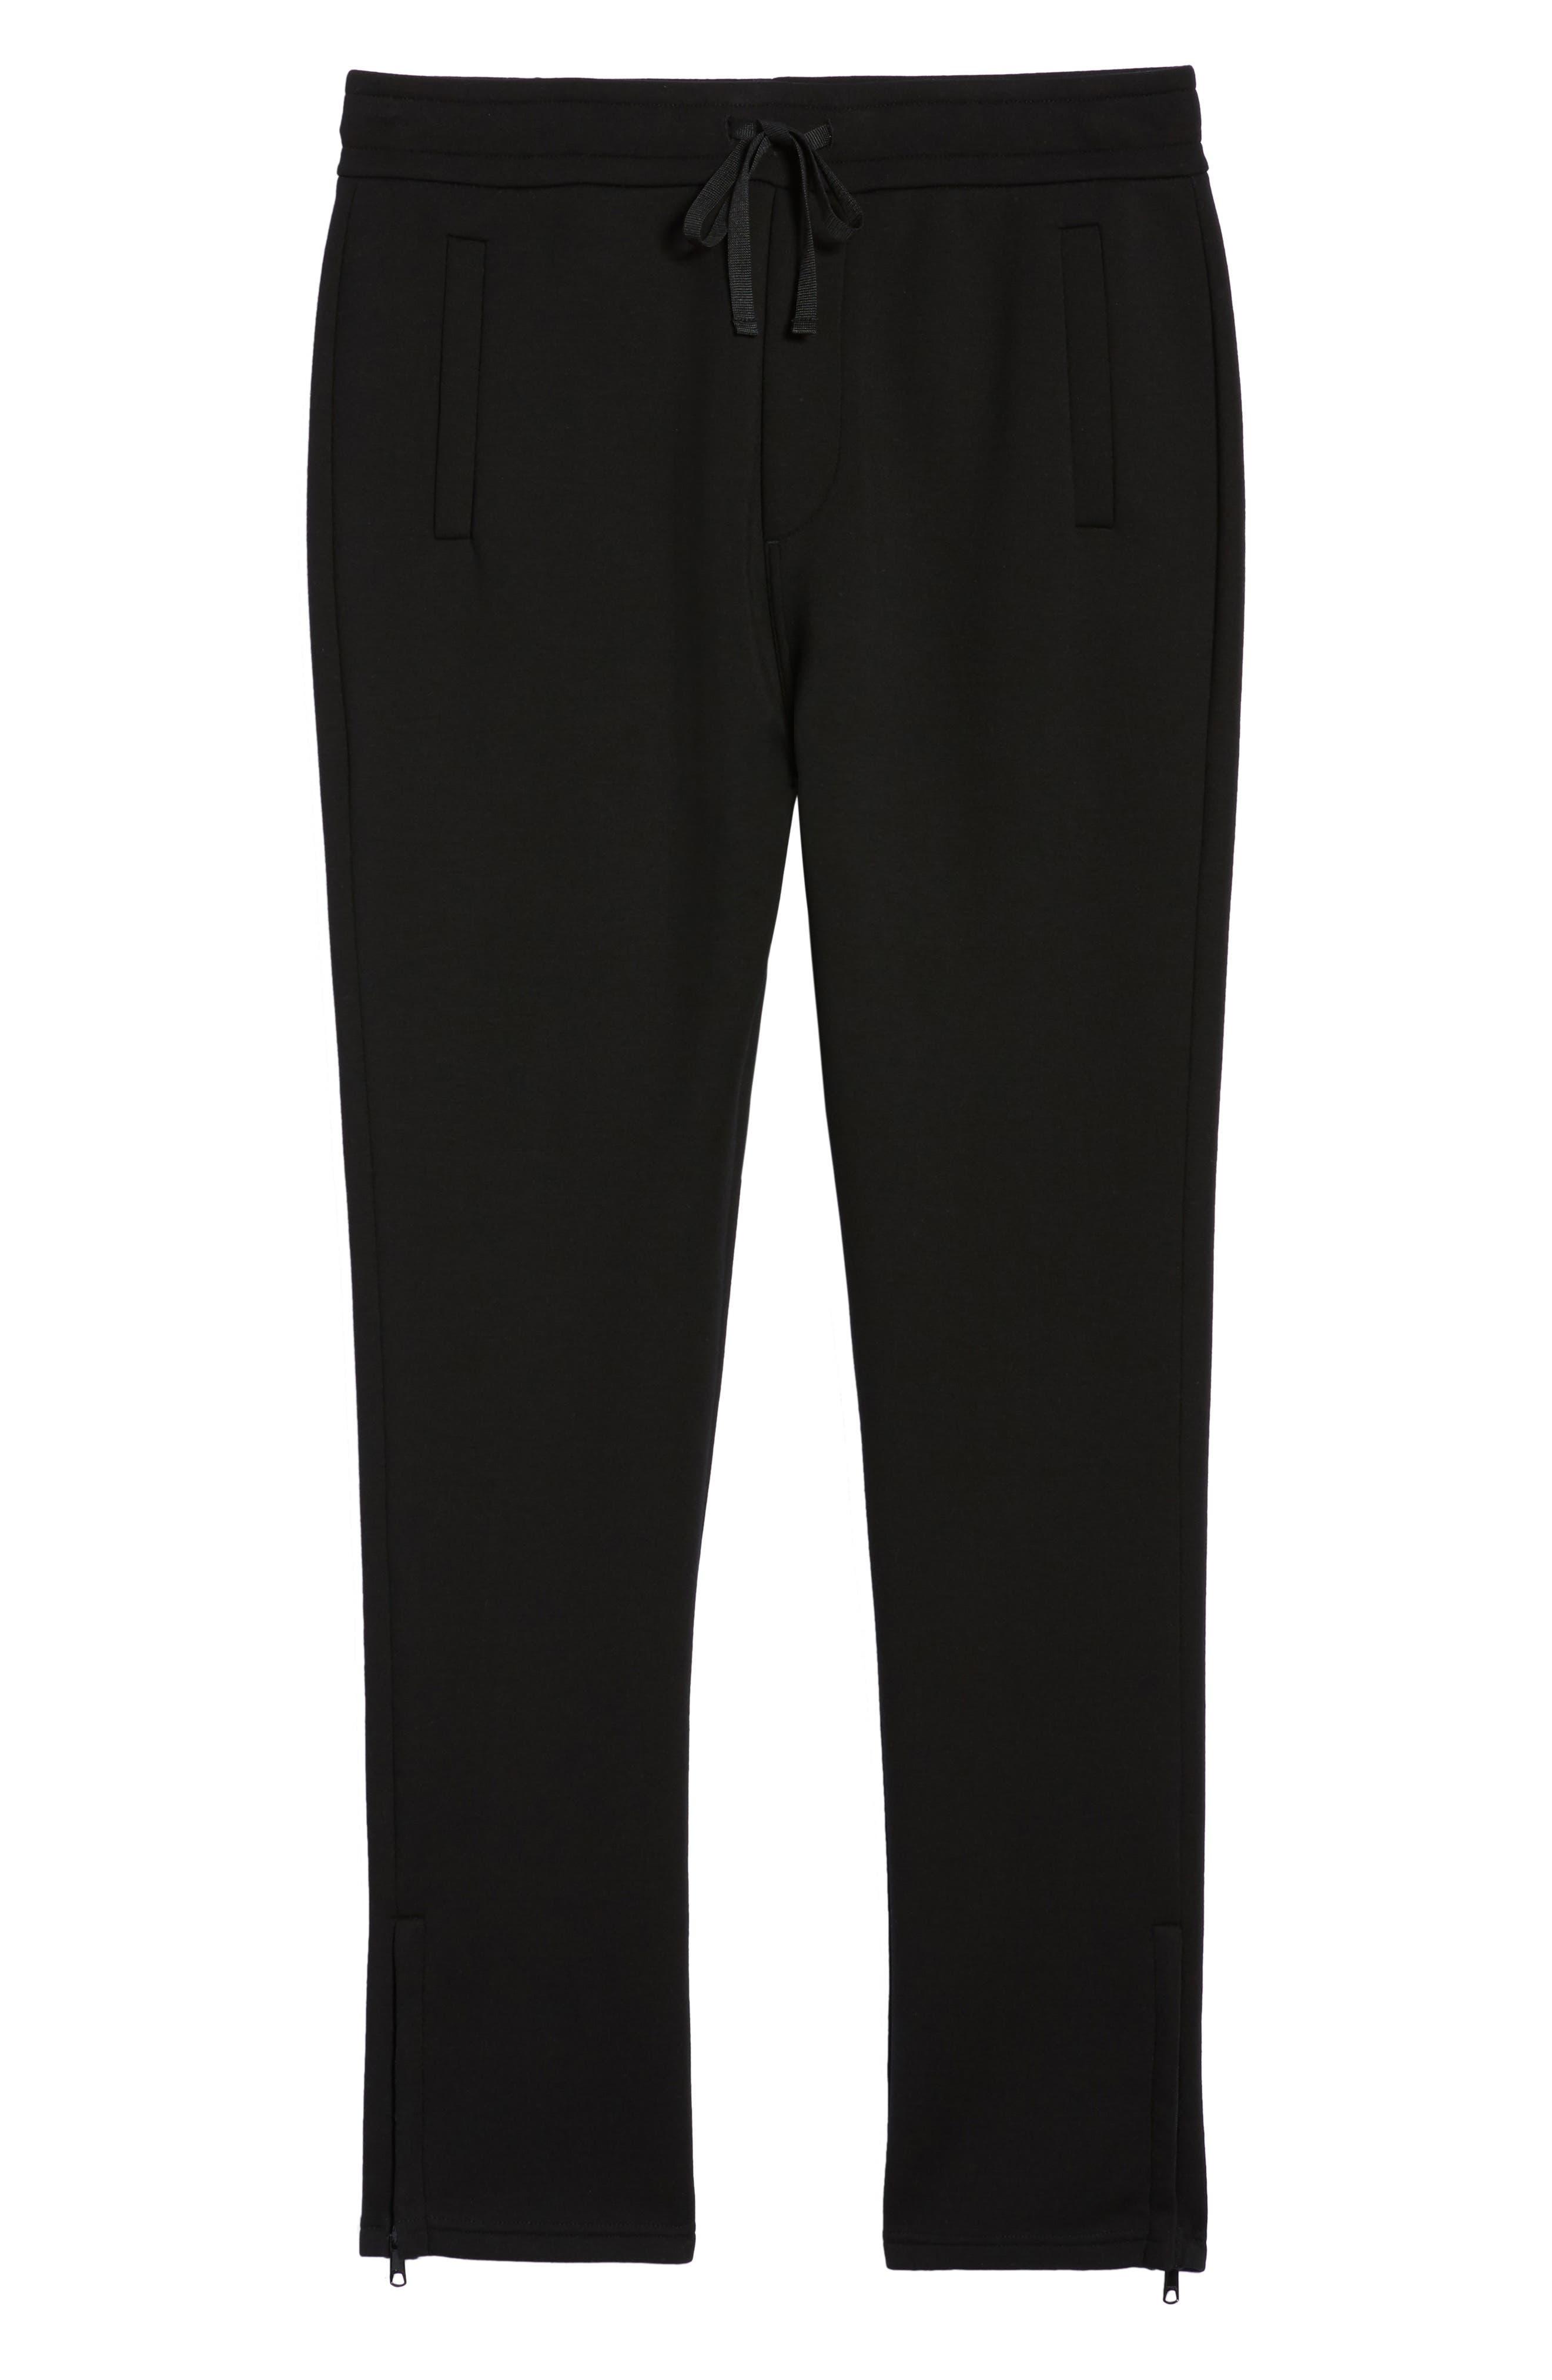 VINCE,                             Tech Slim Fit Track Pants,                             Alternate thumbnail 6, color,                             001